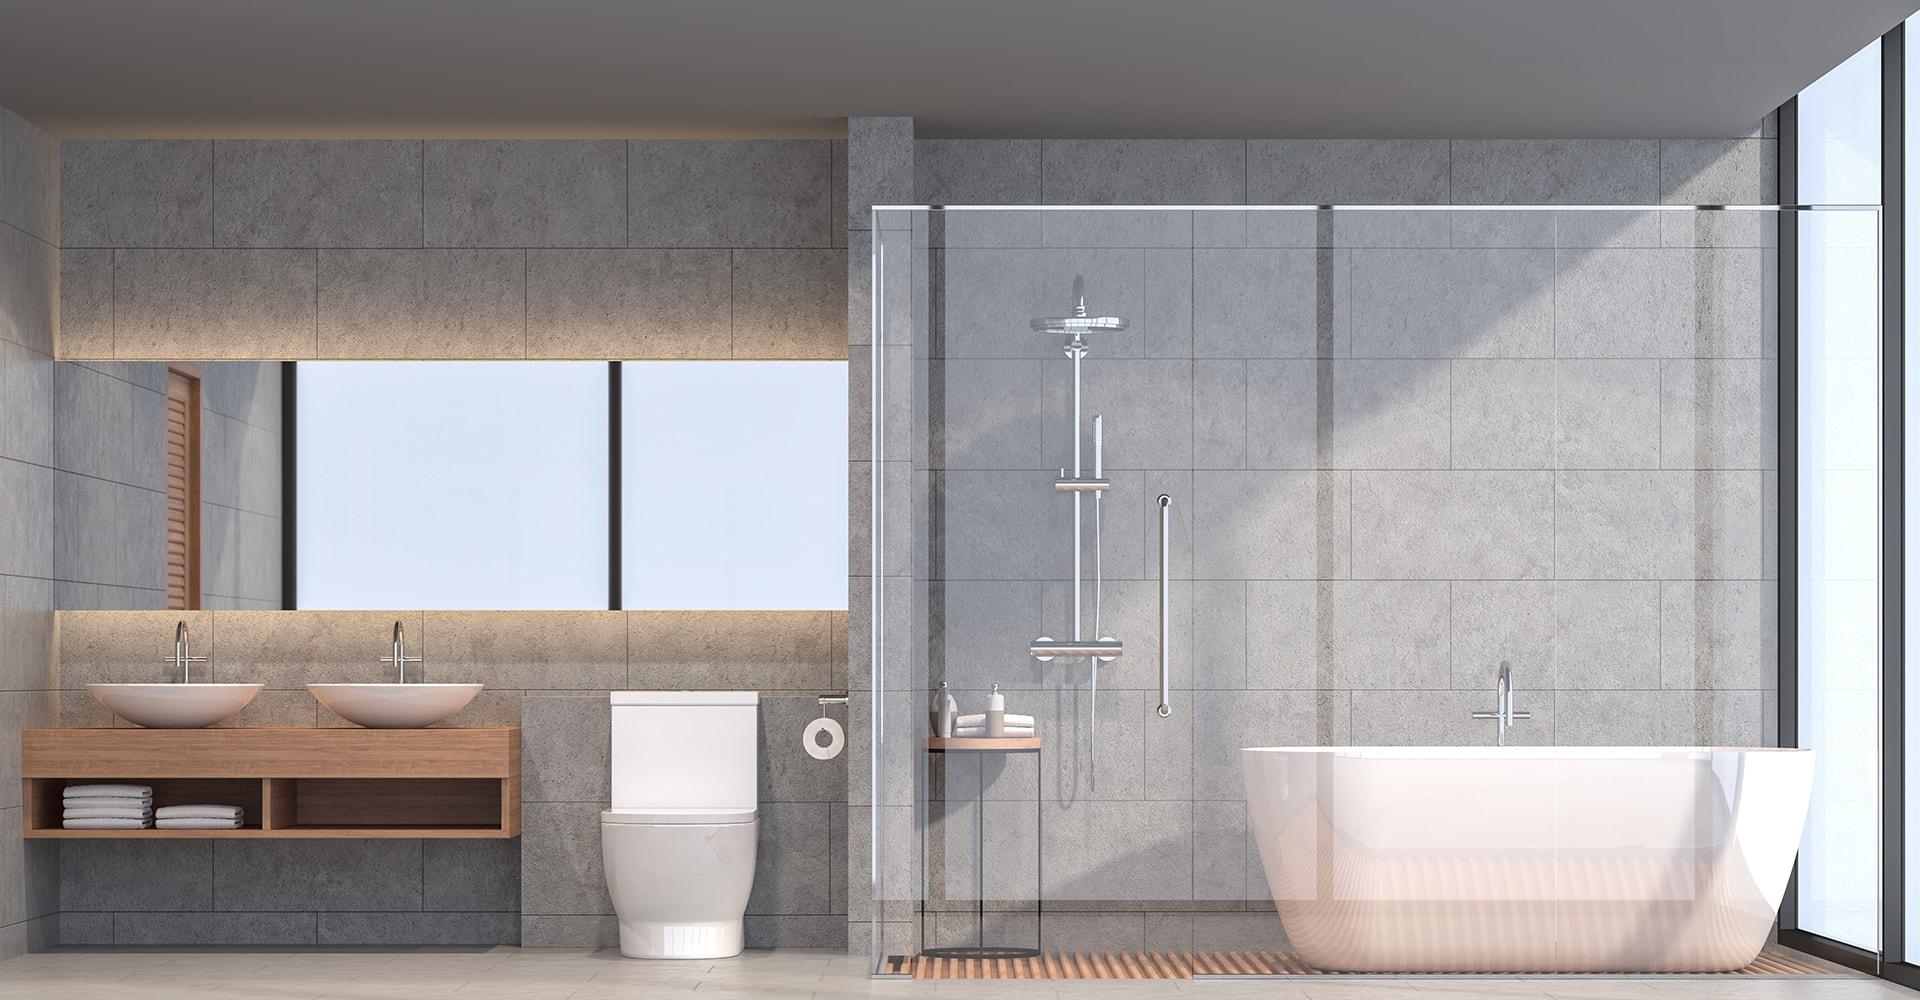 Douche en verre salle de bain